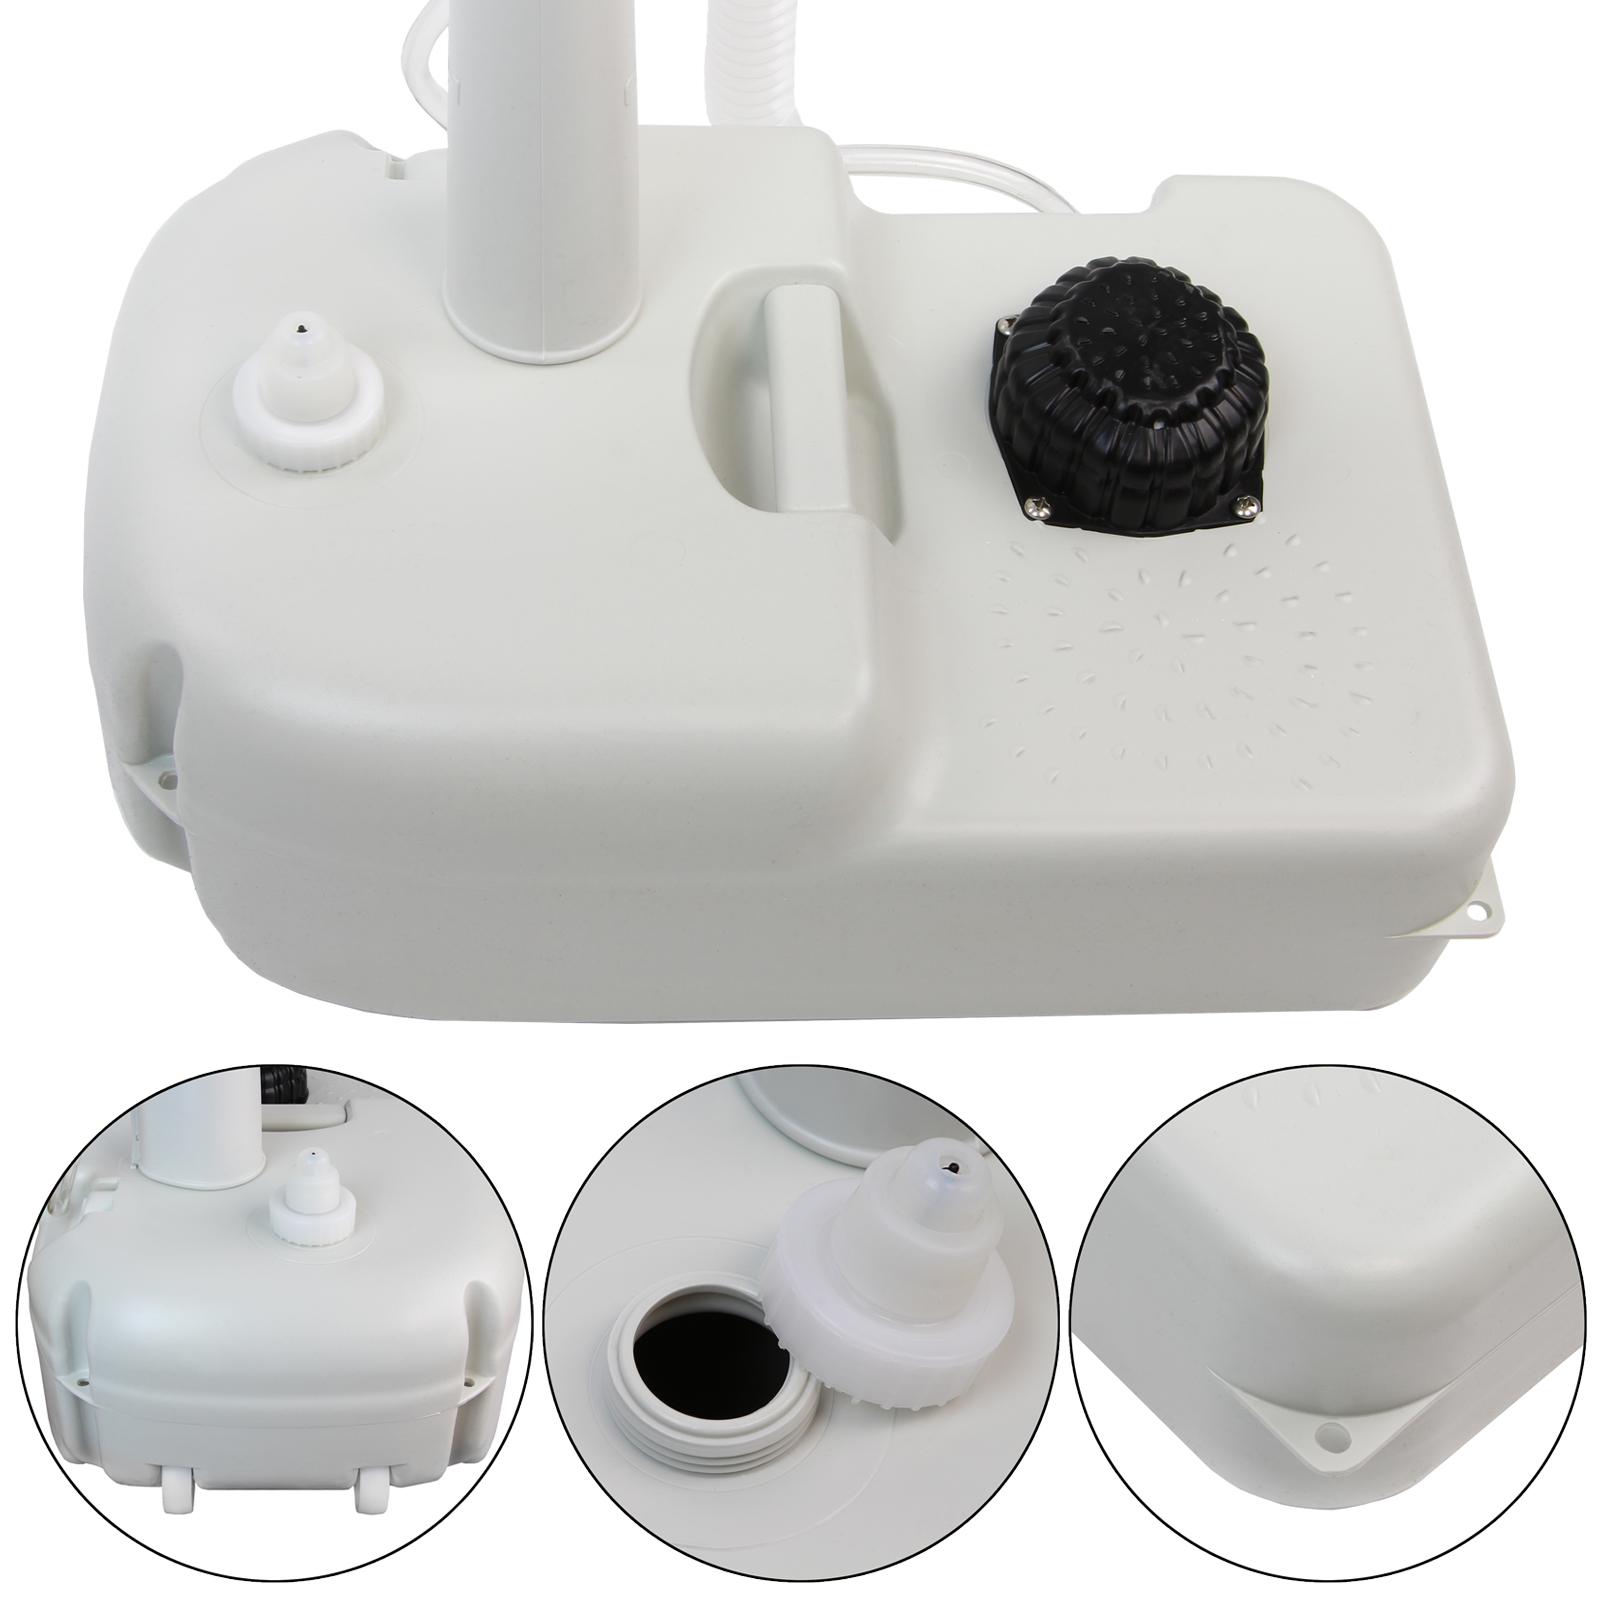 mobiles tragbares camping waschbecken handwaschbecken mit fu pumpe und seifenspender von bb sport. Black Bedroom Furniture Sets. Home Design Ideas